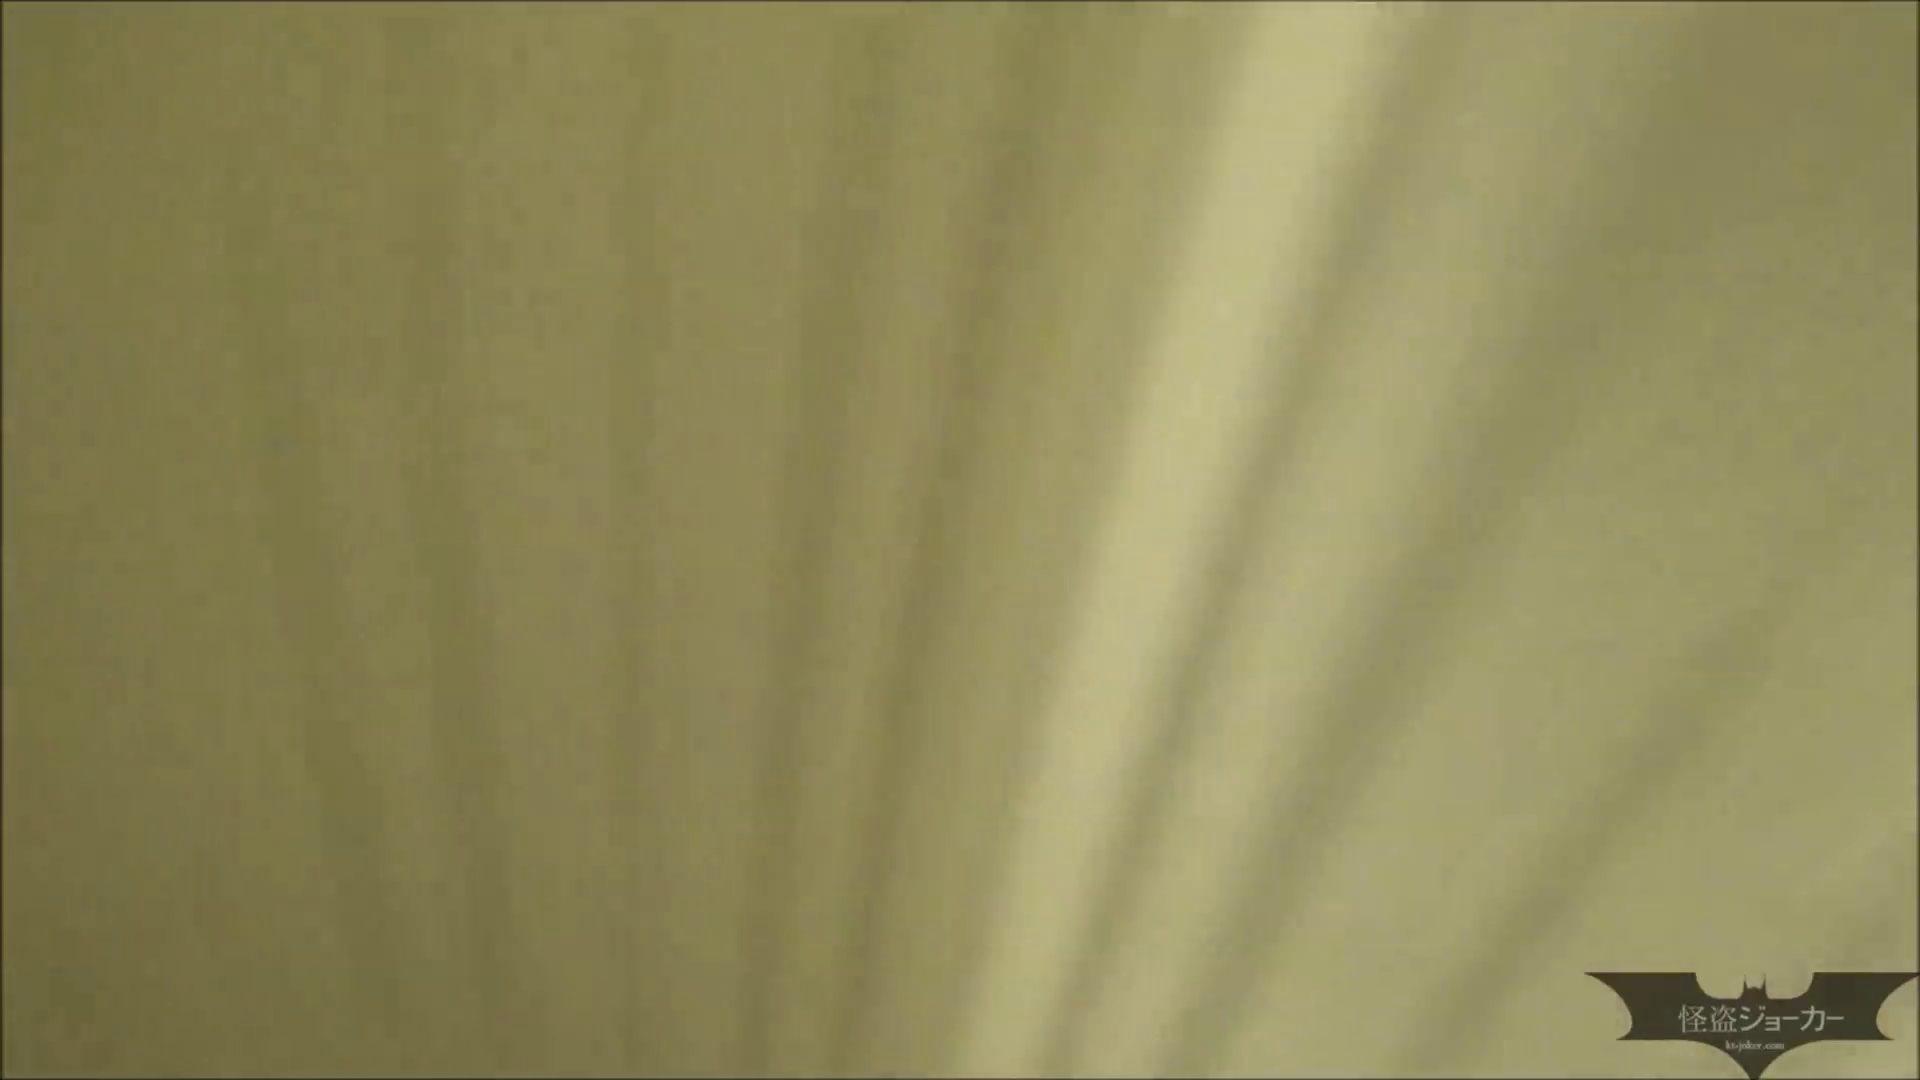 【未公開】vol.65【営業のオンナ】なごみちゃんと知り合って。 美乳 エロ無料画像 76枚 19